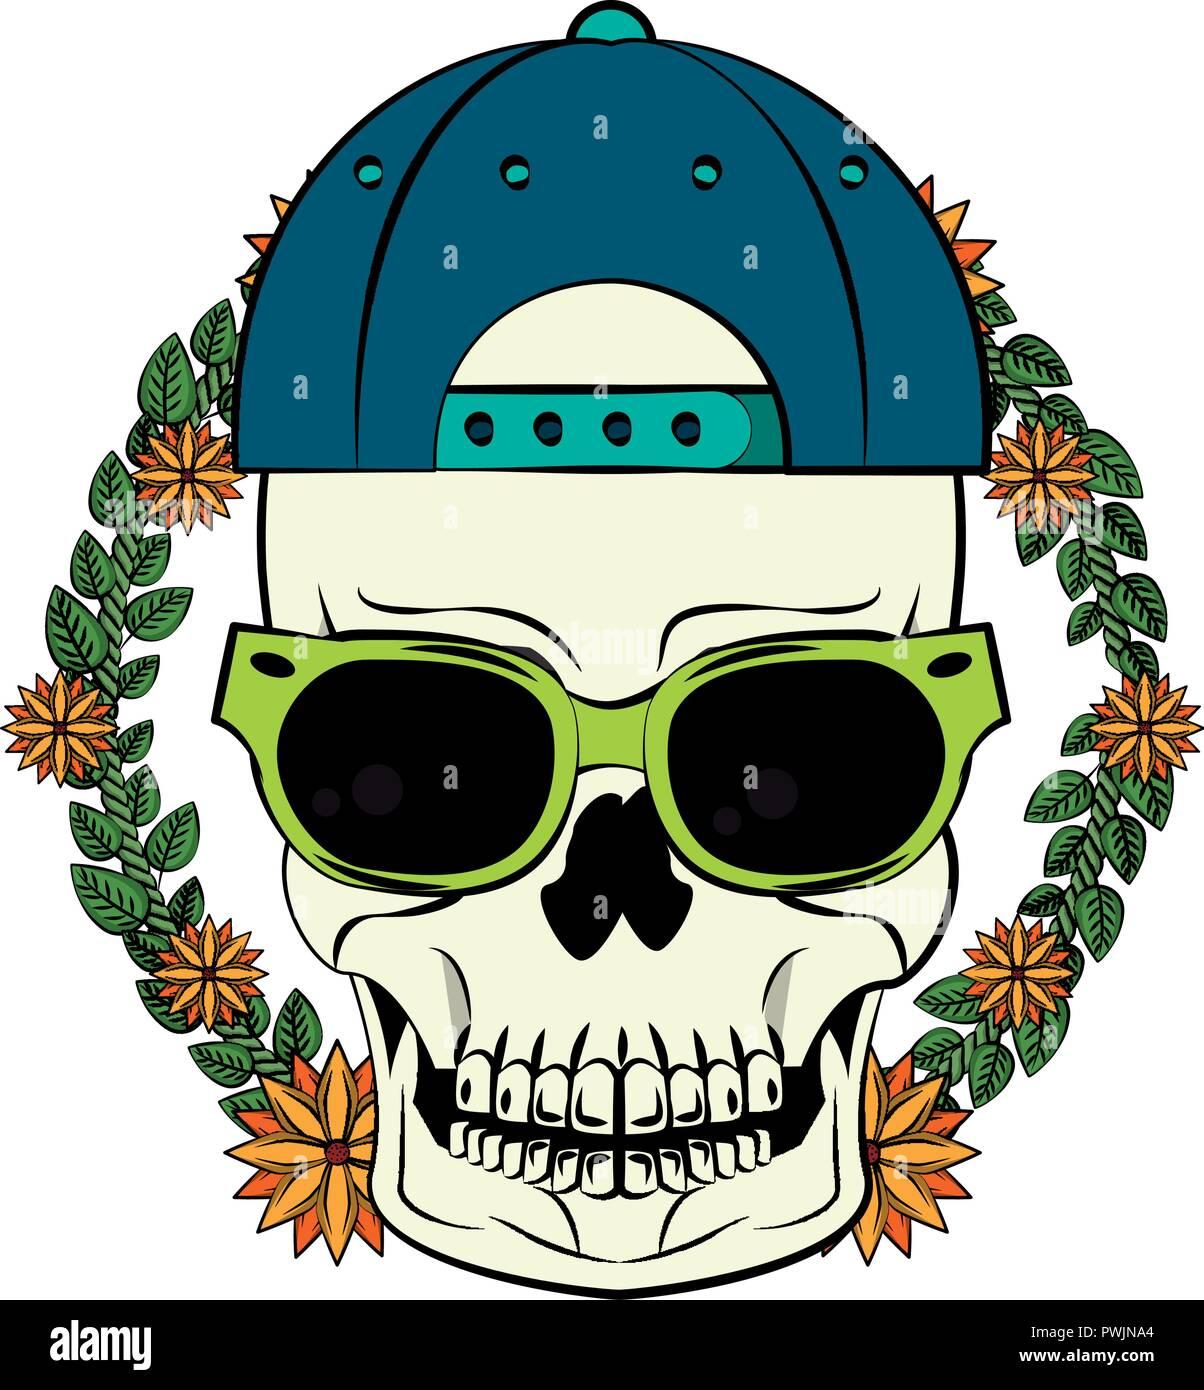 9c0ad8ce54 de de de y ofrenda sombrero ilustración en gafas con sol Calavera floral  H1xfEfq